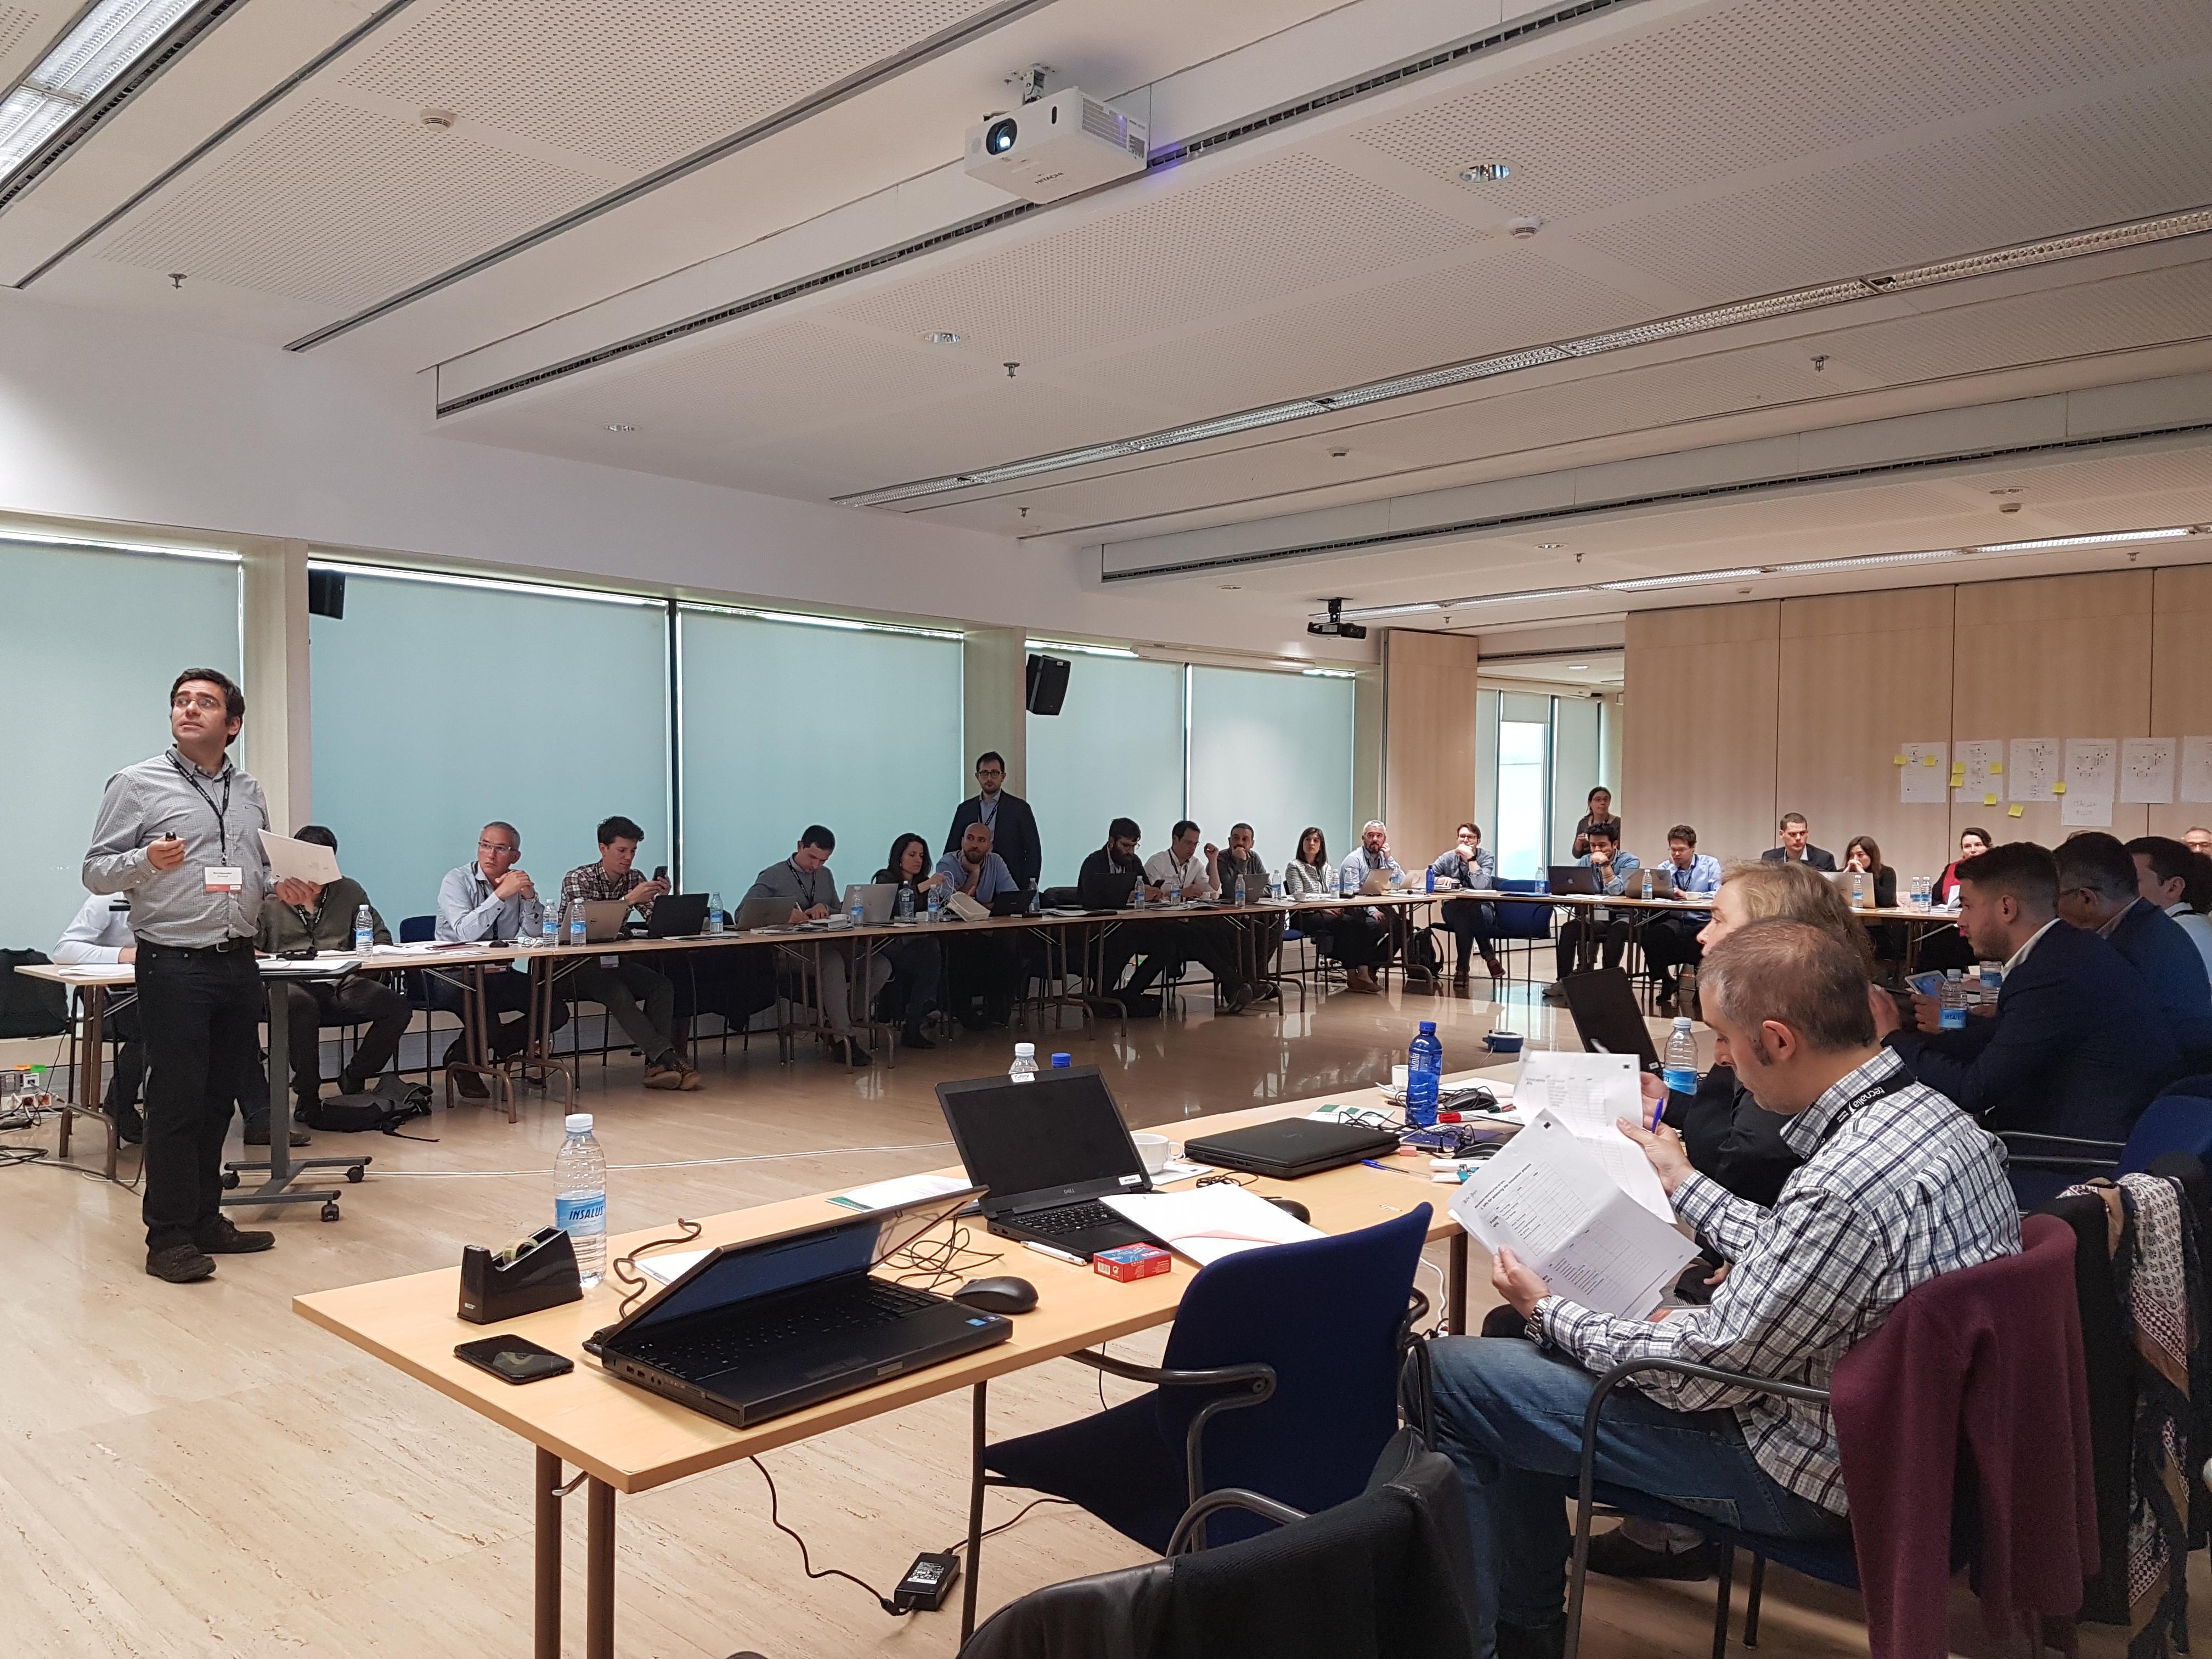 imagen 4 de noticia: continuamos-trabajando-en-el-proyecto-europeo-bim4ren-esta-vez-con-una-general-assembly-en-tecnalia